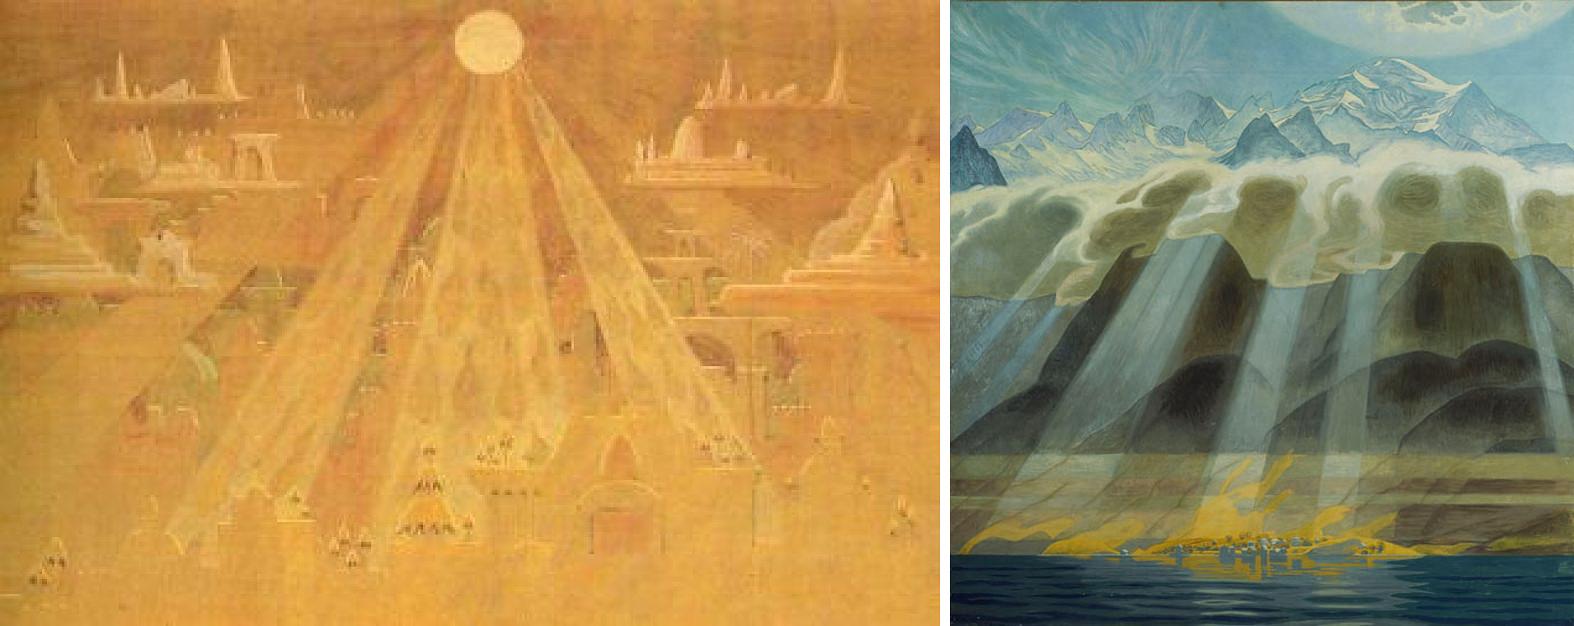 """M. K. Čiurlionio """"Piramidžių sonatos"""" (nr. VII) [I]Scherzo [/I](1909) ir J. F. Willumseno """"Saulė virš pietinių kalnų"""" (1902)"""